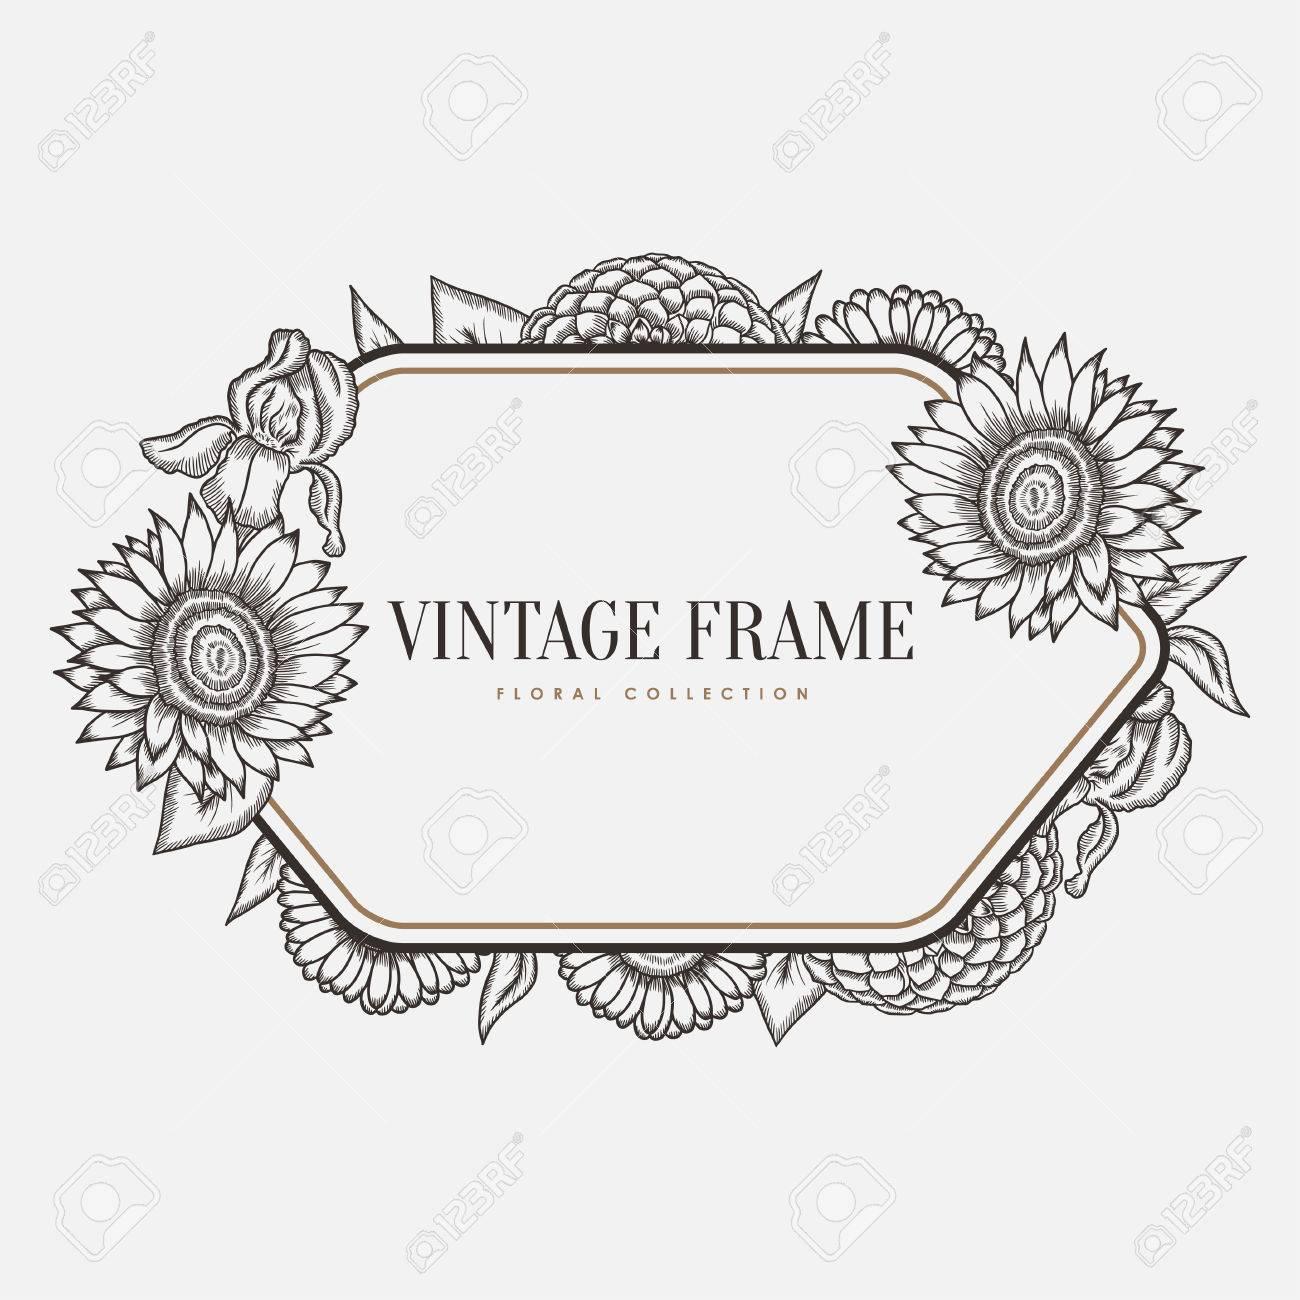 Atemberaubend Vintage Rahmen Billig Bilder - Benutzerdefinierte ...